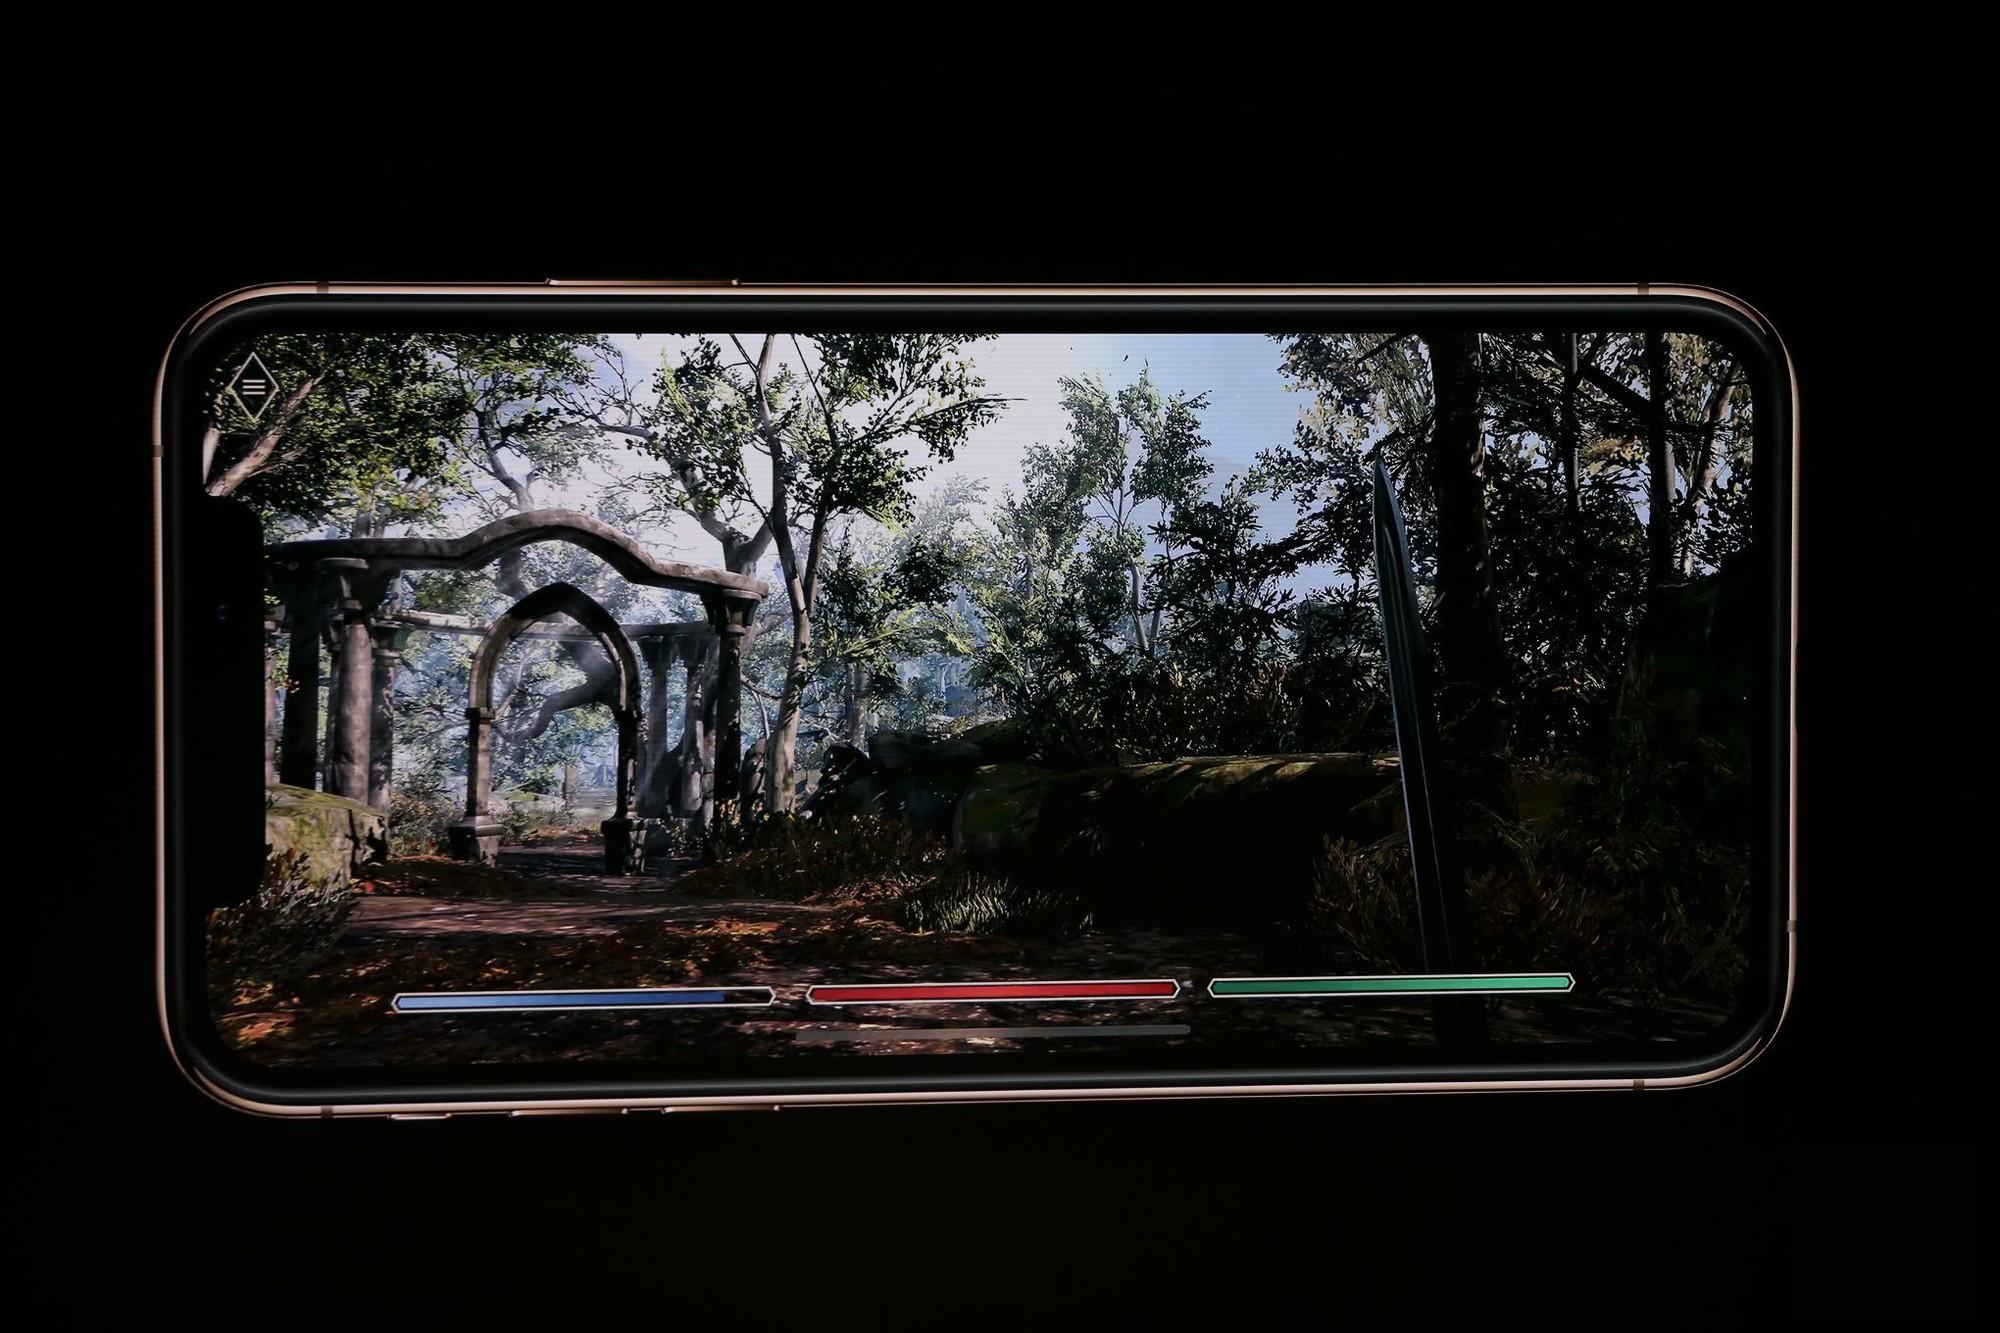 iPhone Xs/Xs Max ra mắt: Màn hình lớn nhất thị trường, thêm màu vàng sang chảnh, chụp ảnh đẹp hơn, có 2 SIM, 512GB dung lượng - Ảnh 8.